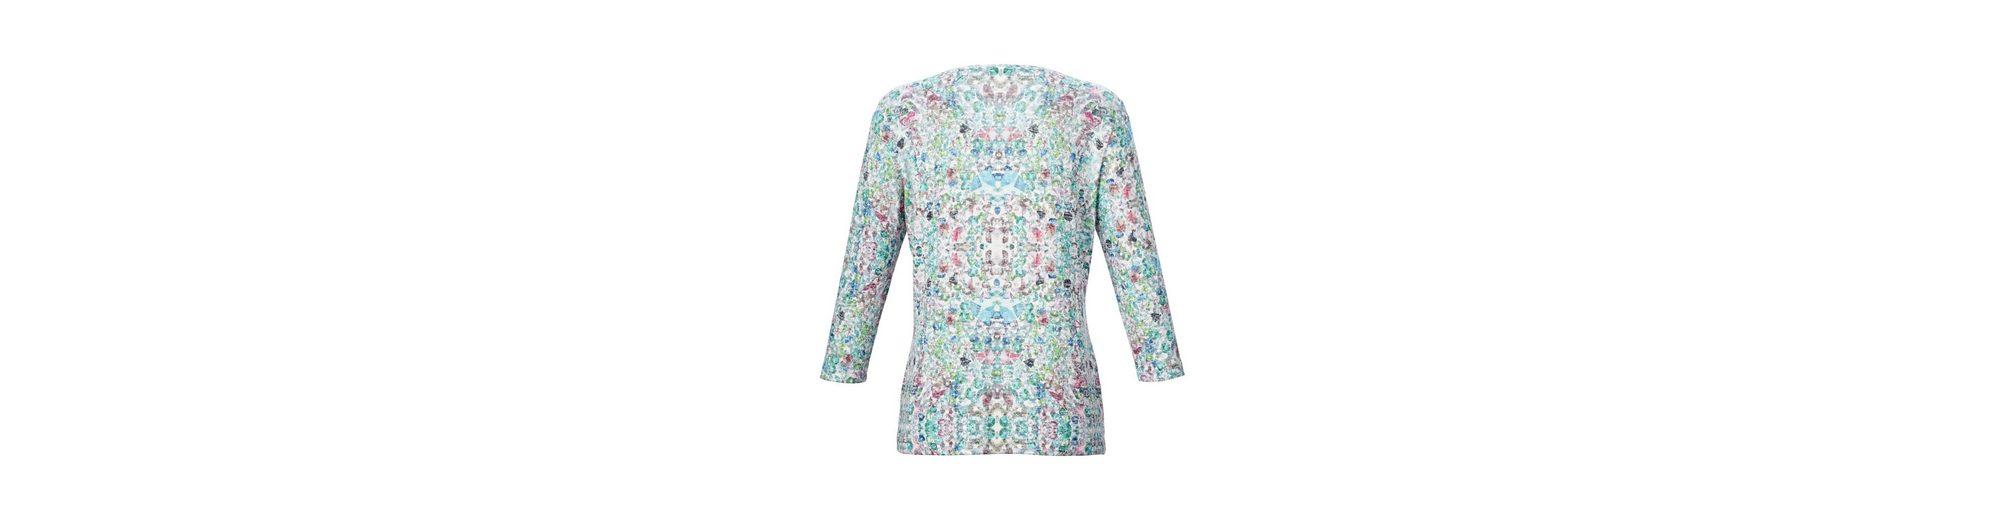 Freier Versandauftrag Mona Sweatshirt mit platziertem Druck Finden Große nvPcFXv3EO